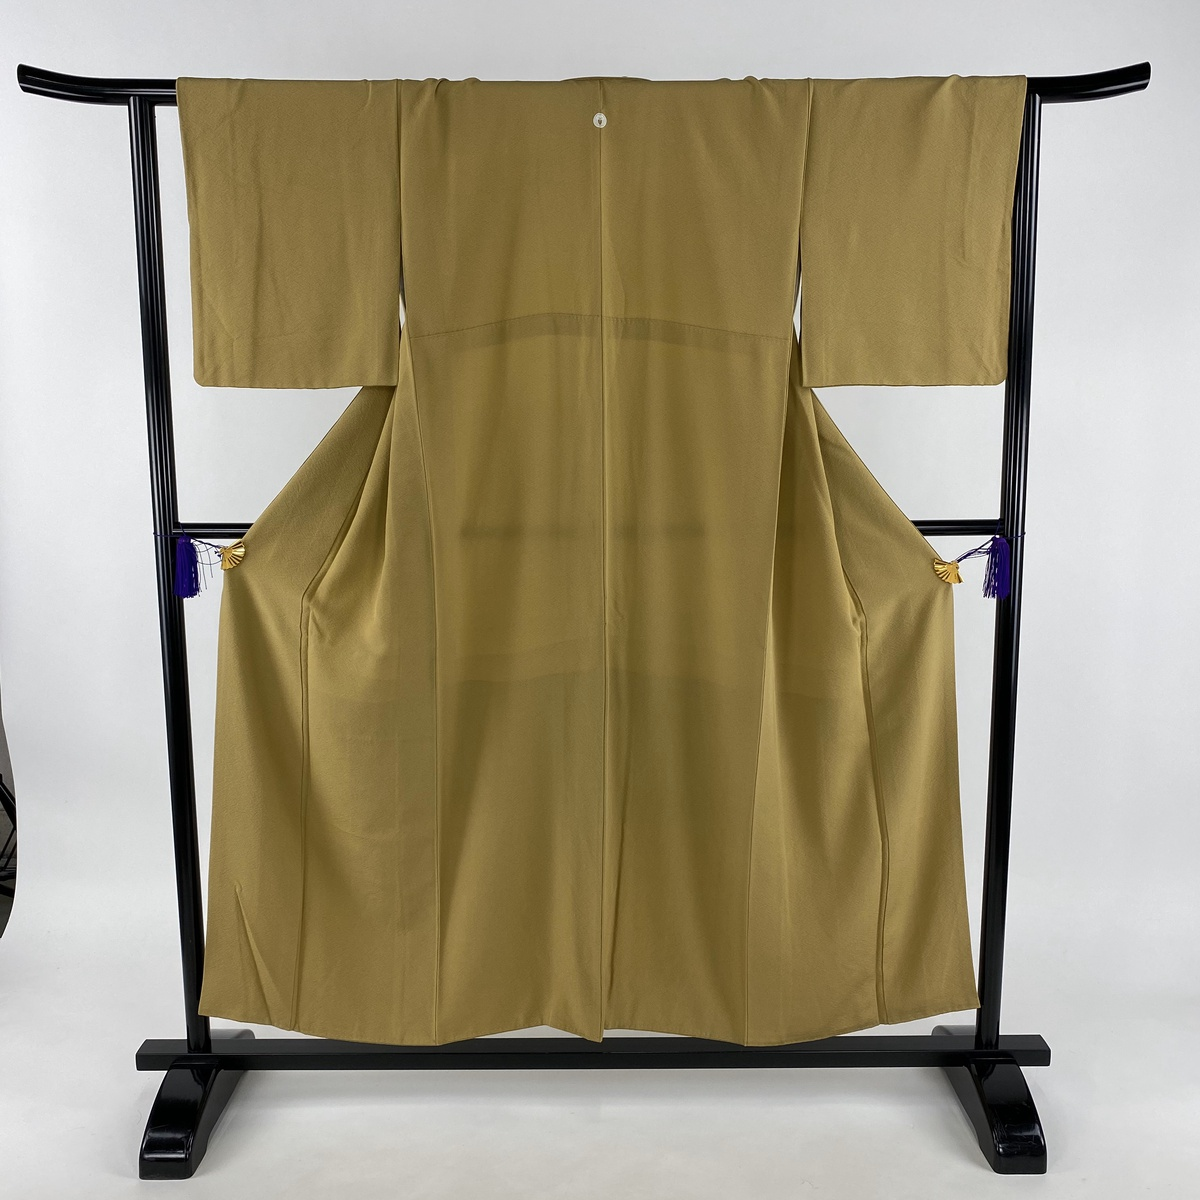 色無地 美品 秀品 一つ紋 黄土色 袷 身丈153cm 裄丈63cm S 正絹 【中古】